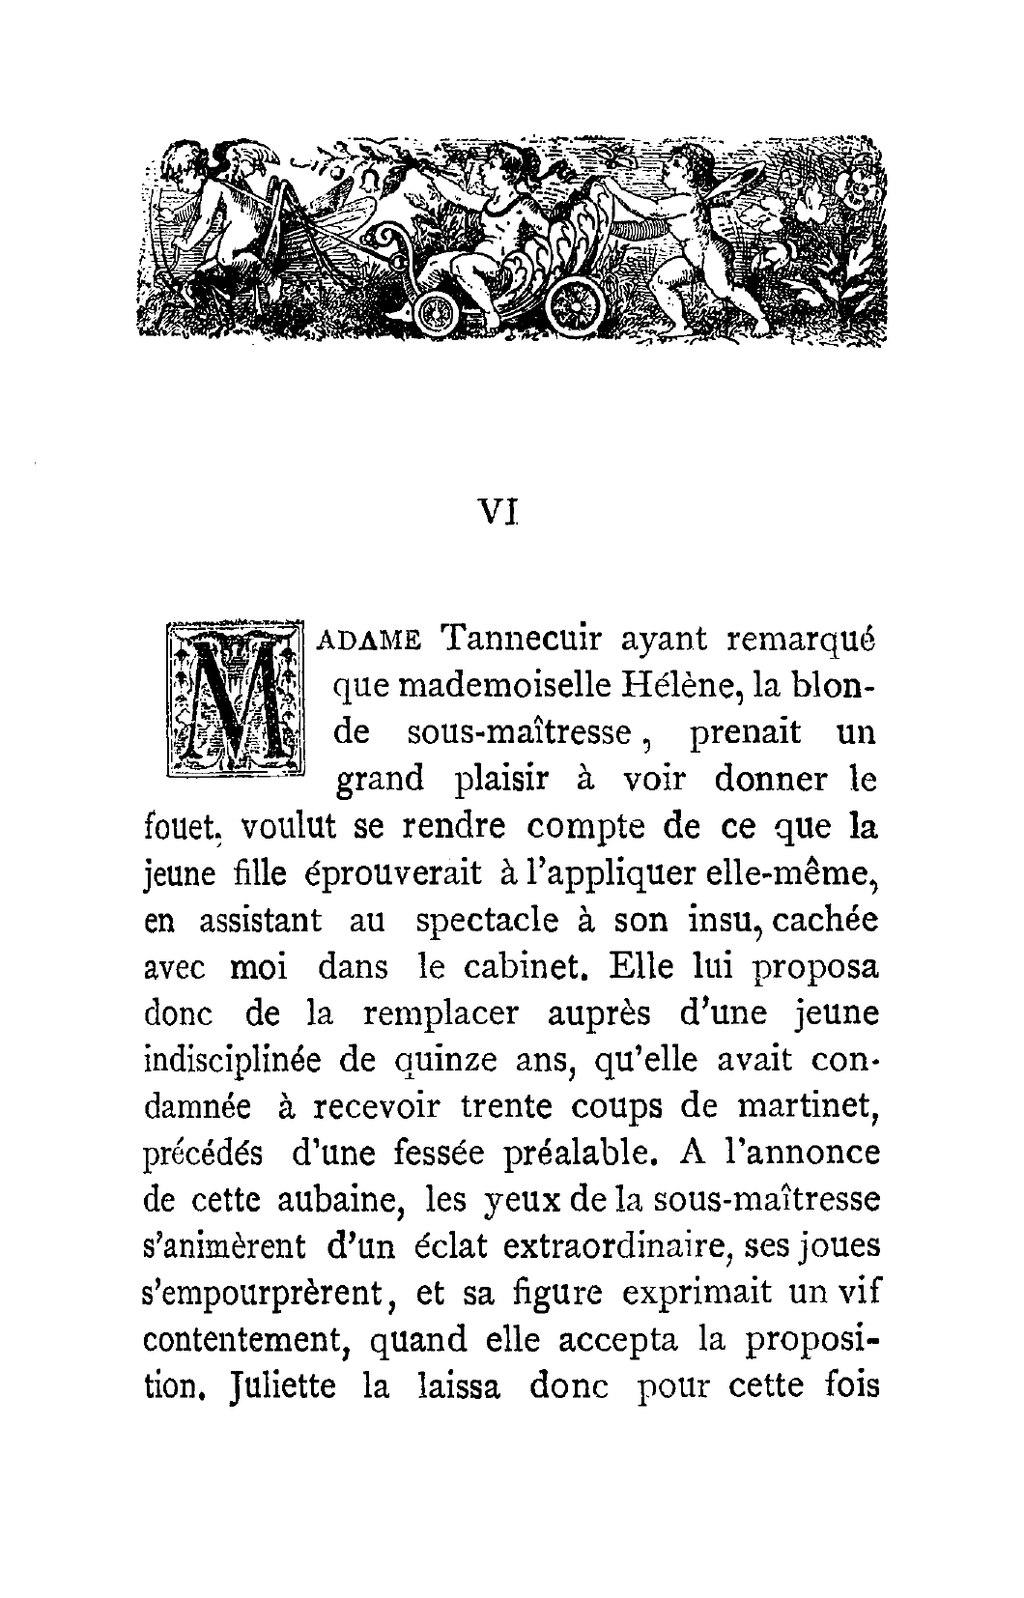 Jupes Wikisource d Troussées1889 djvu53 Page YW2eE9IDH